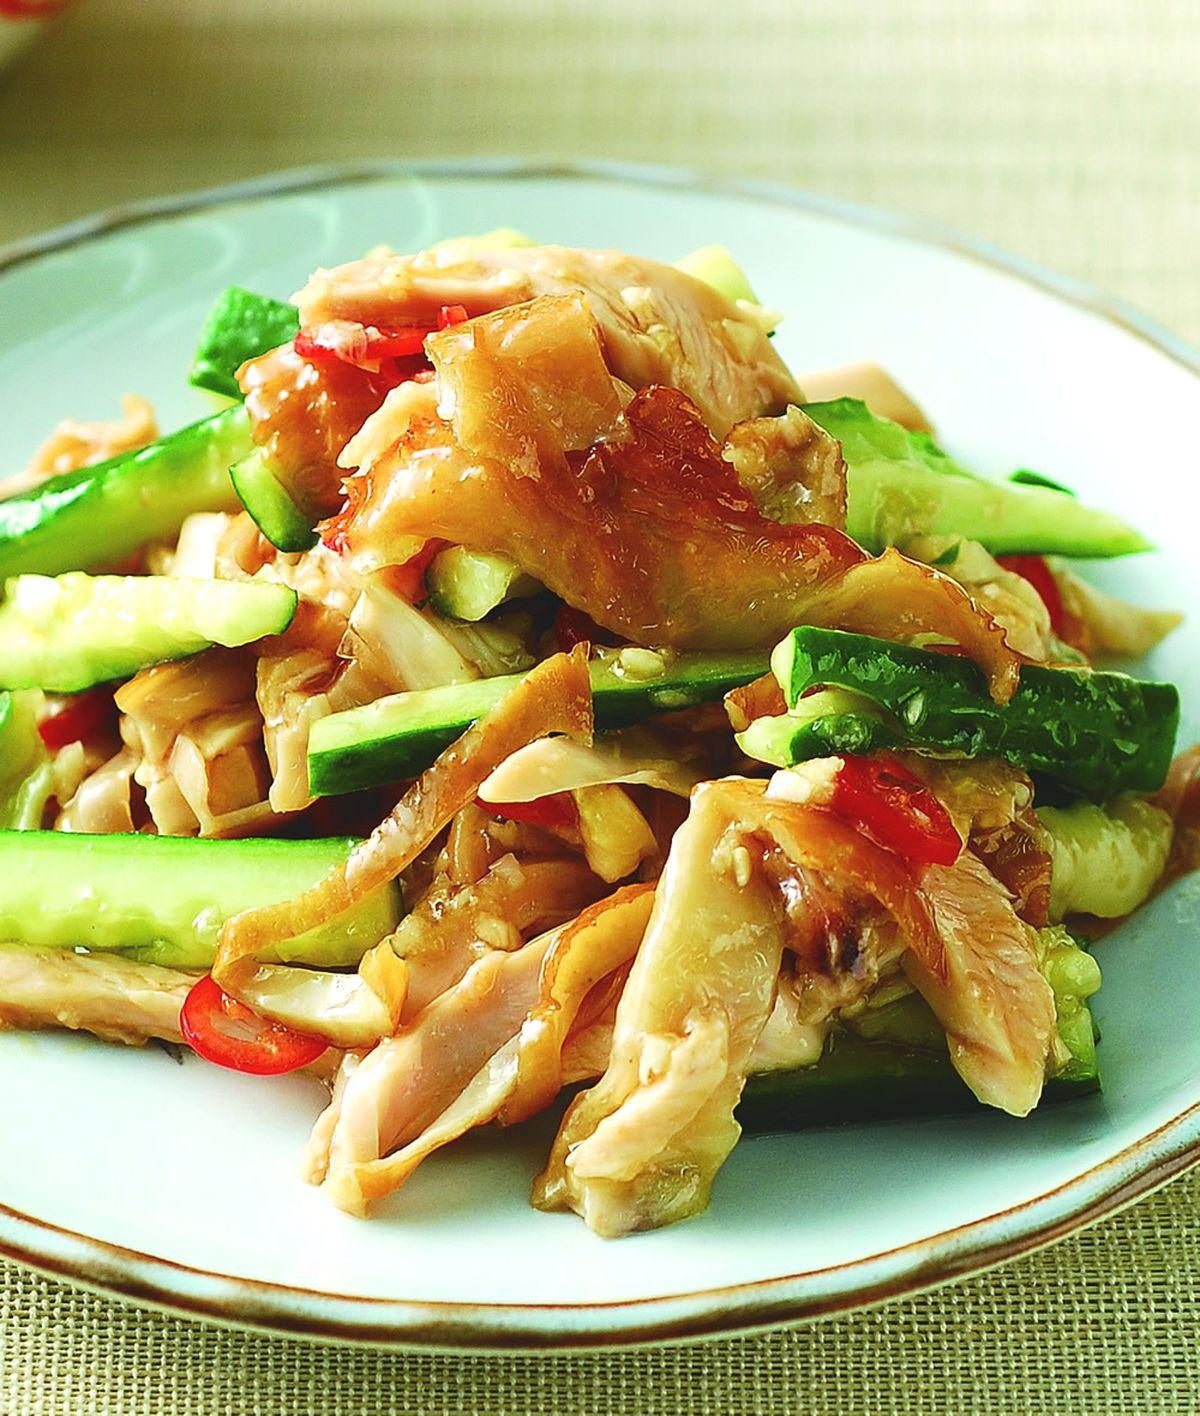 食譜:黃瓜拌燻雞